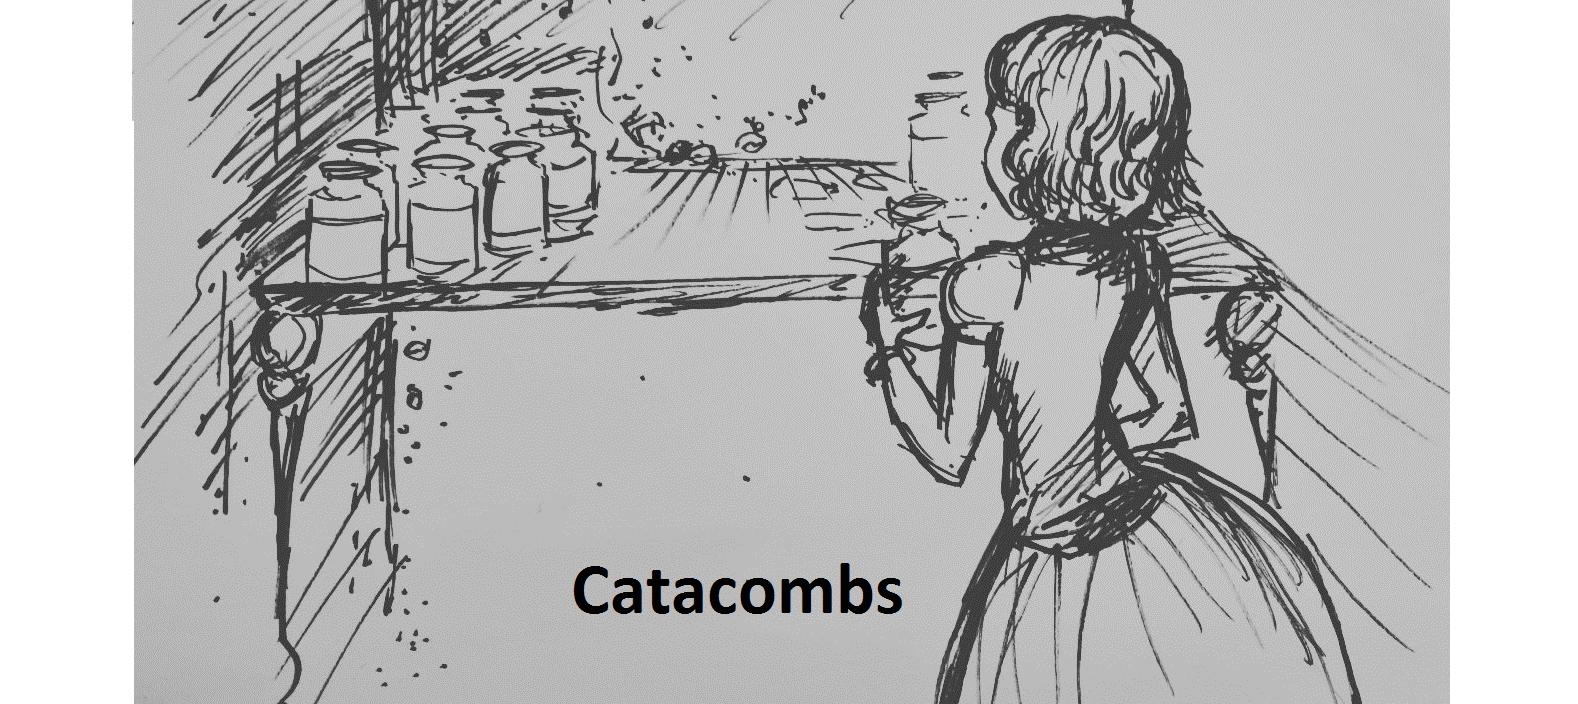 Catacombs – Inktober